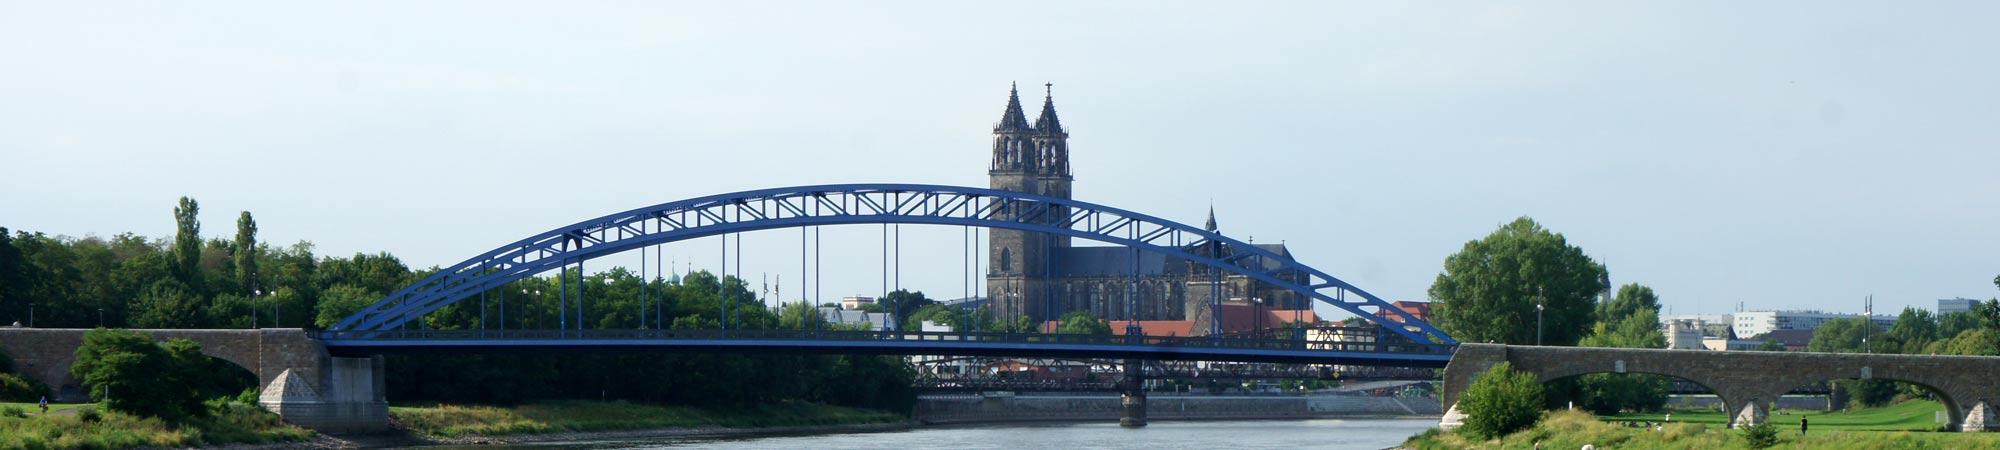 Swaton Magdeburg